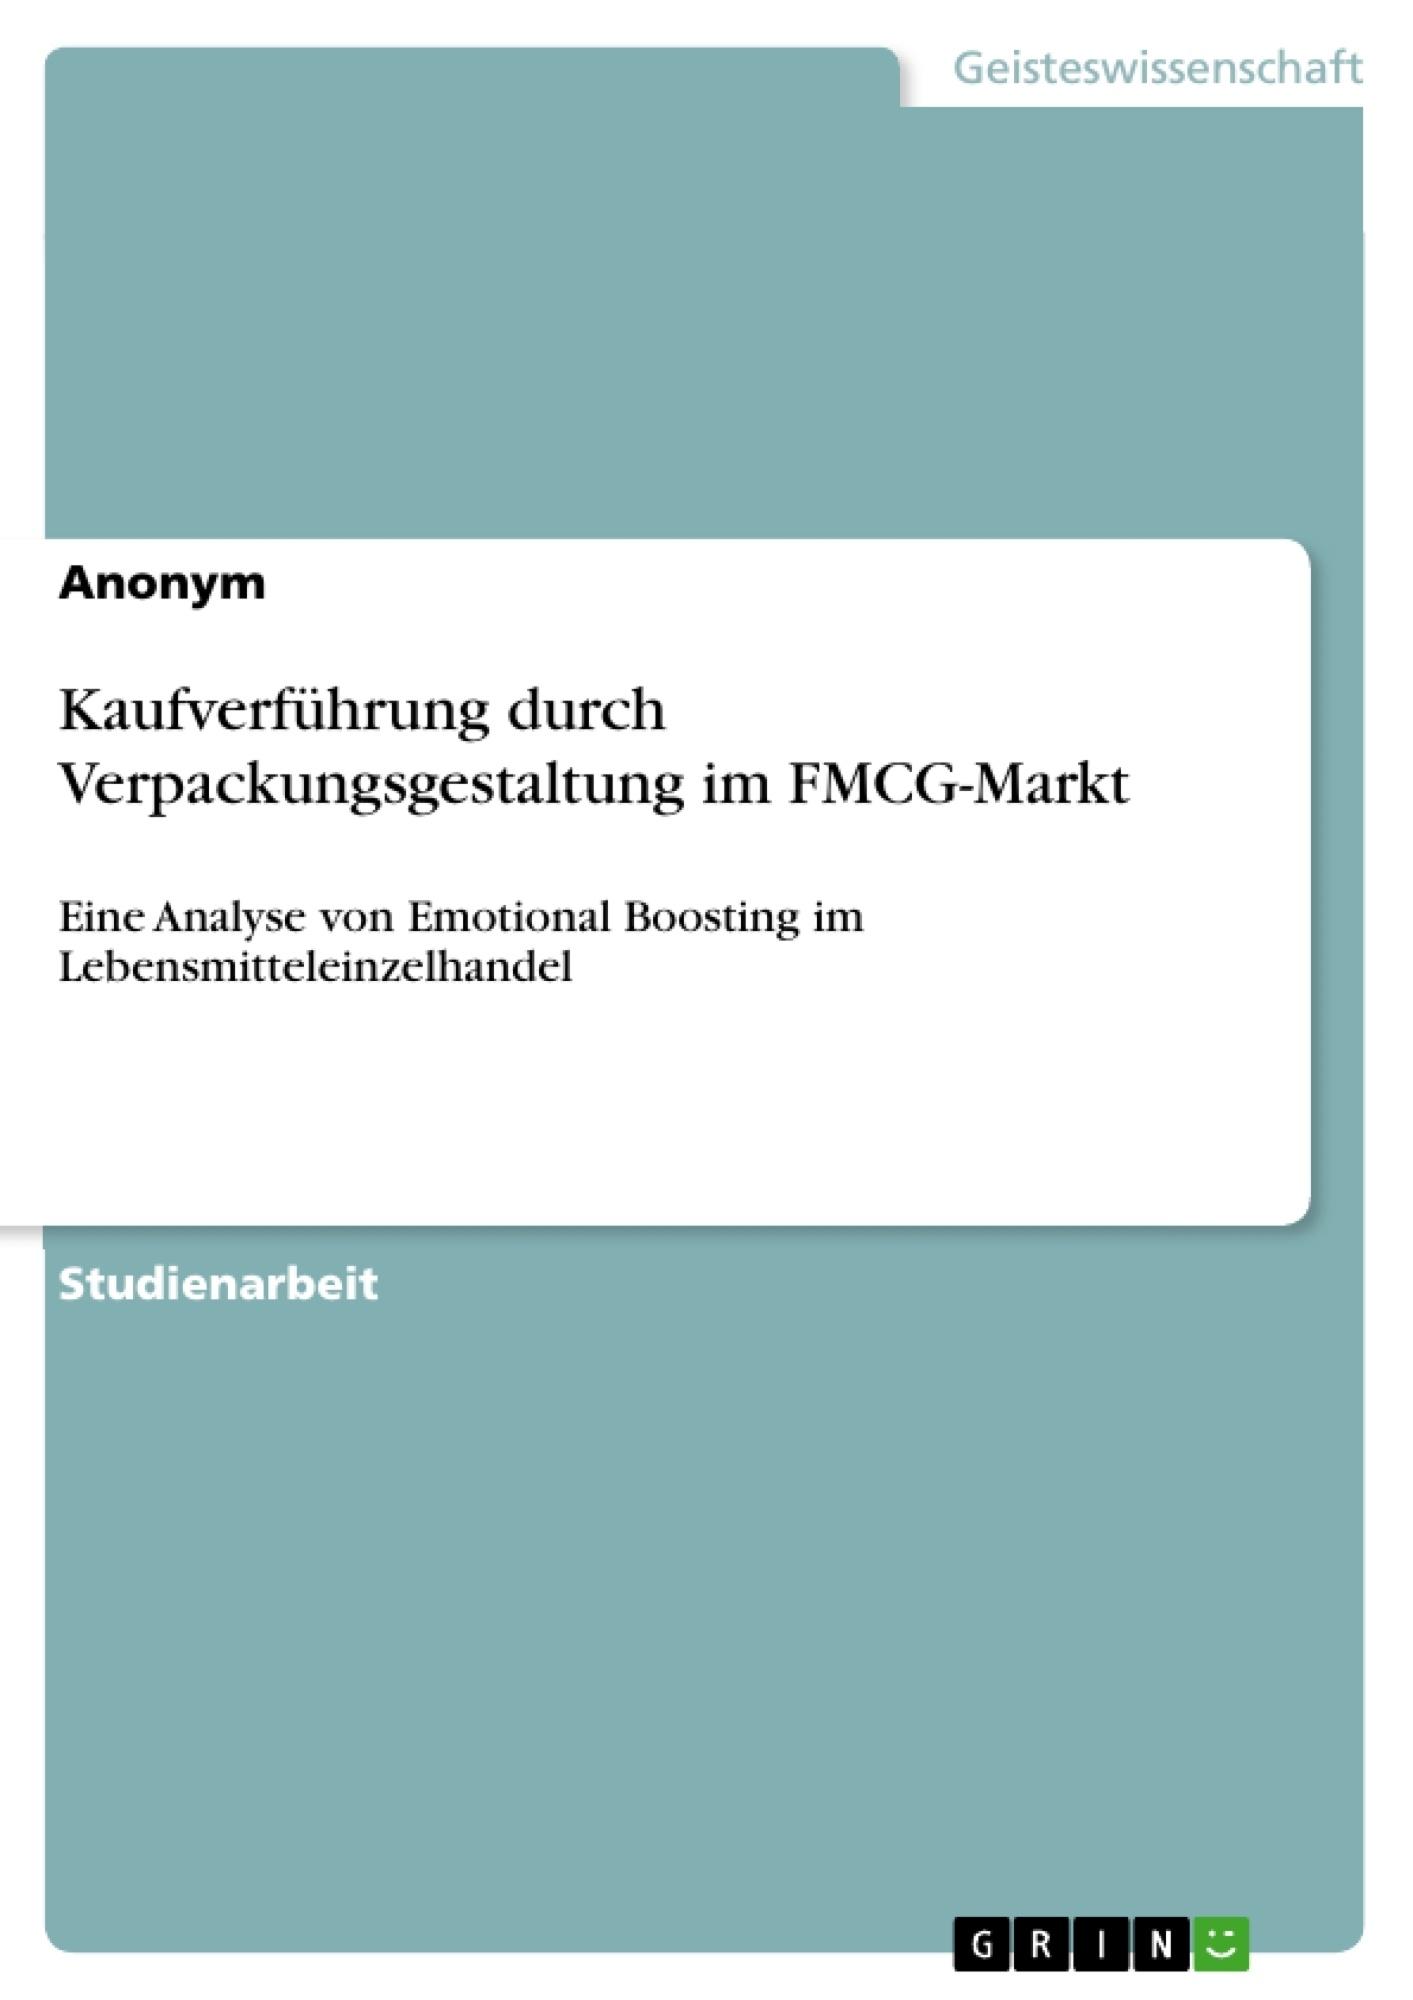 Titel: Kaufverführung durch Verpackungsgestaltung im FMCG-Markt